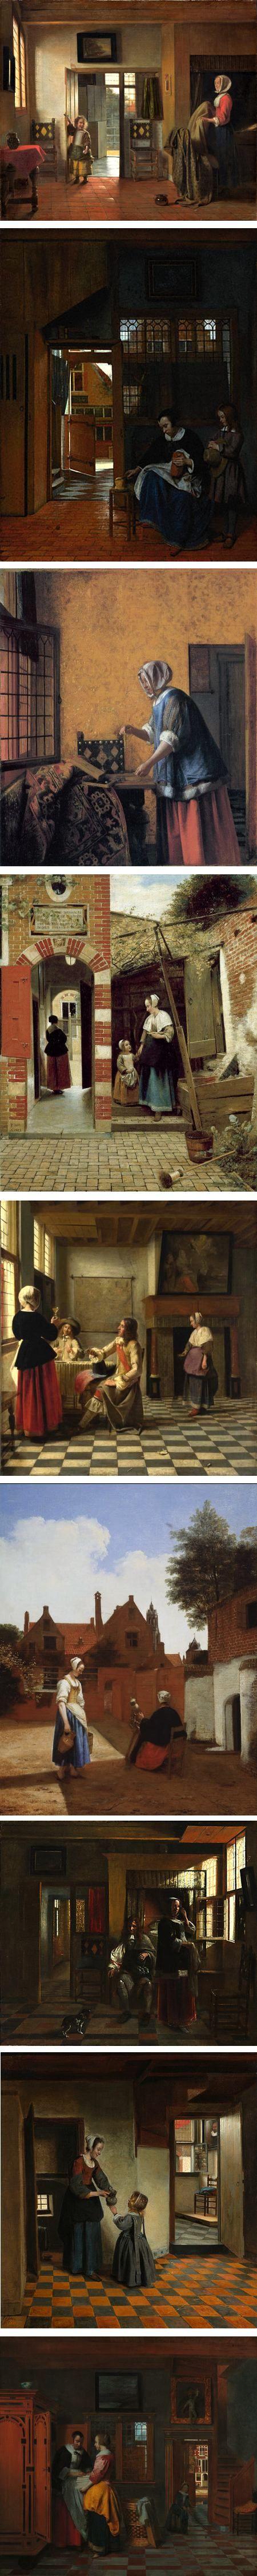 Interiors by Pieter de Hooch  (Dutch, Rotterdam 1629–1684 Amsterdam):